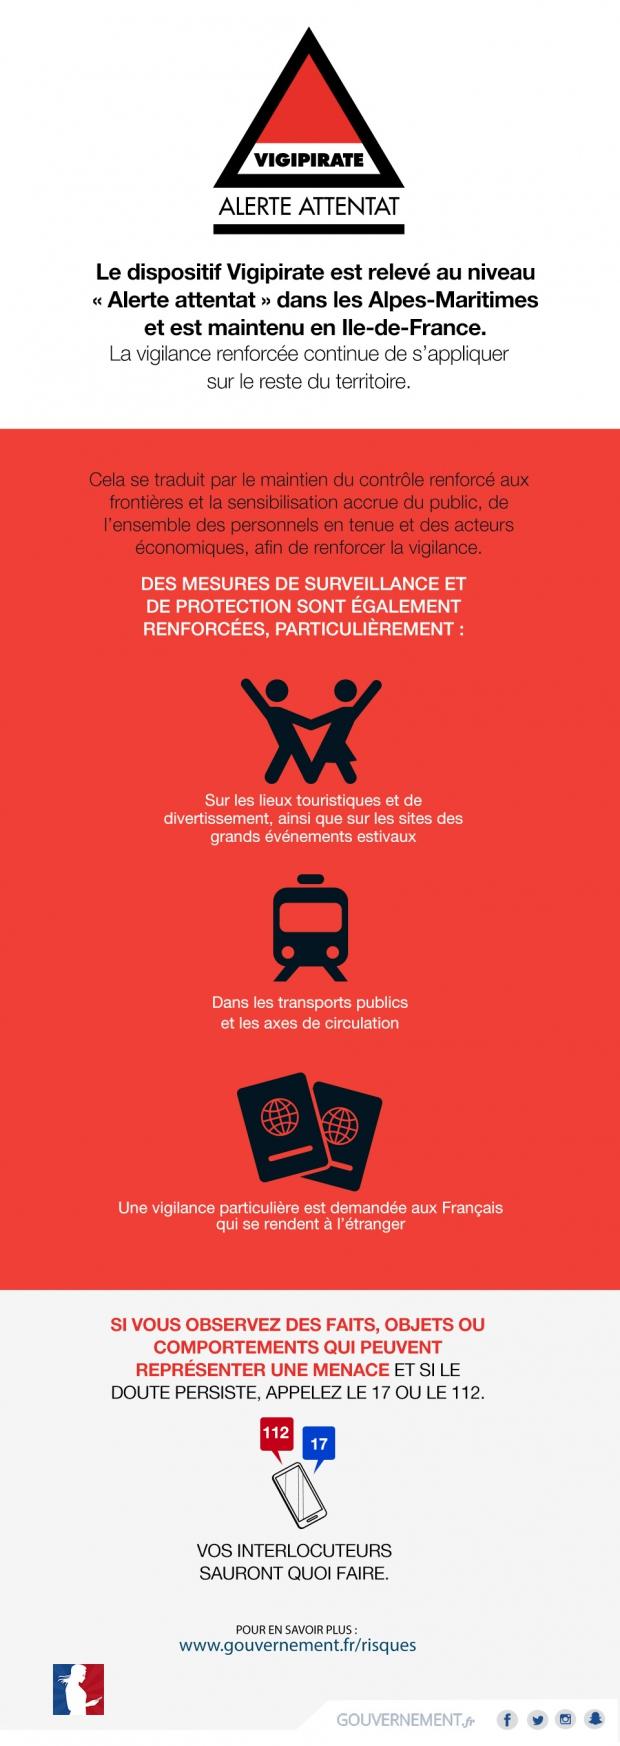 Infographie : Vigipirate niveau Alerte attentat dans les Alpes-Maritimes et en Ile-de-France - voir en plus grand